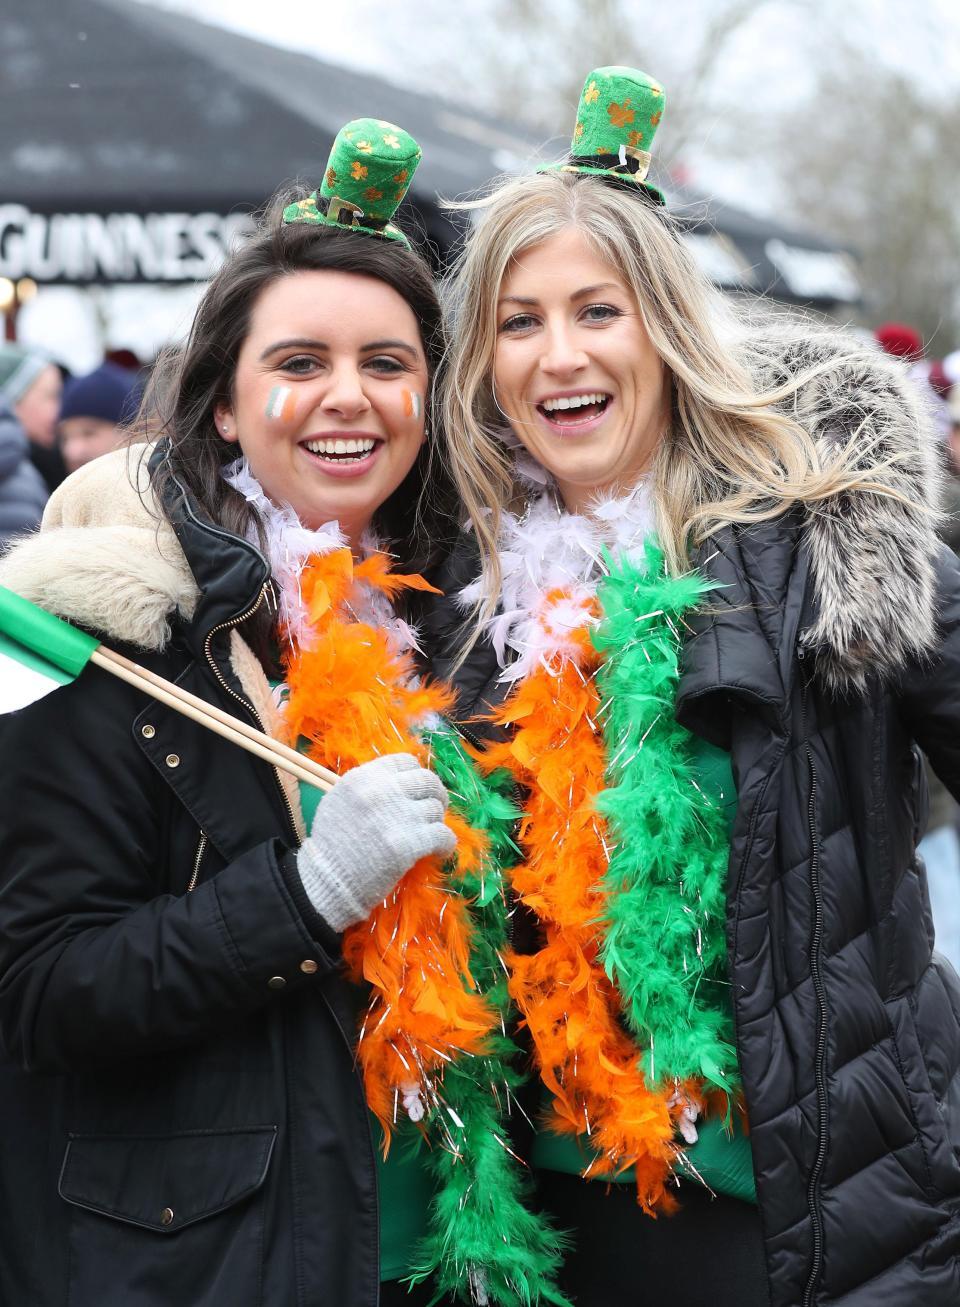 День Святого Патрика в Ирландии